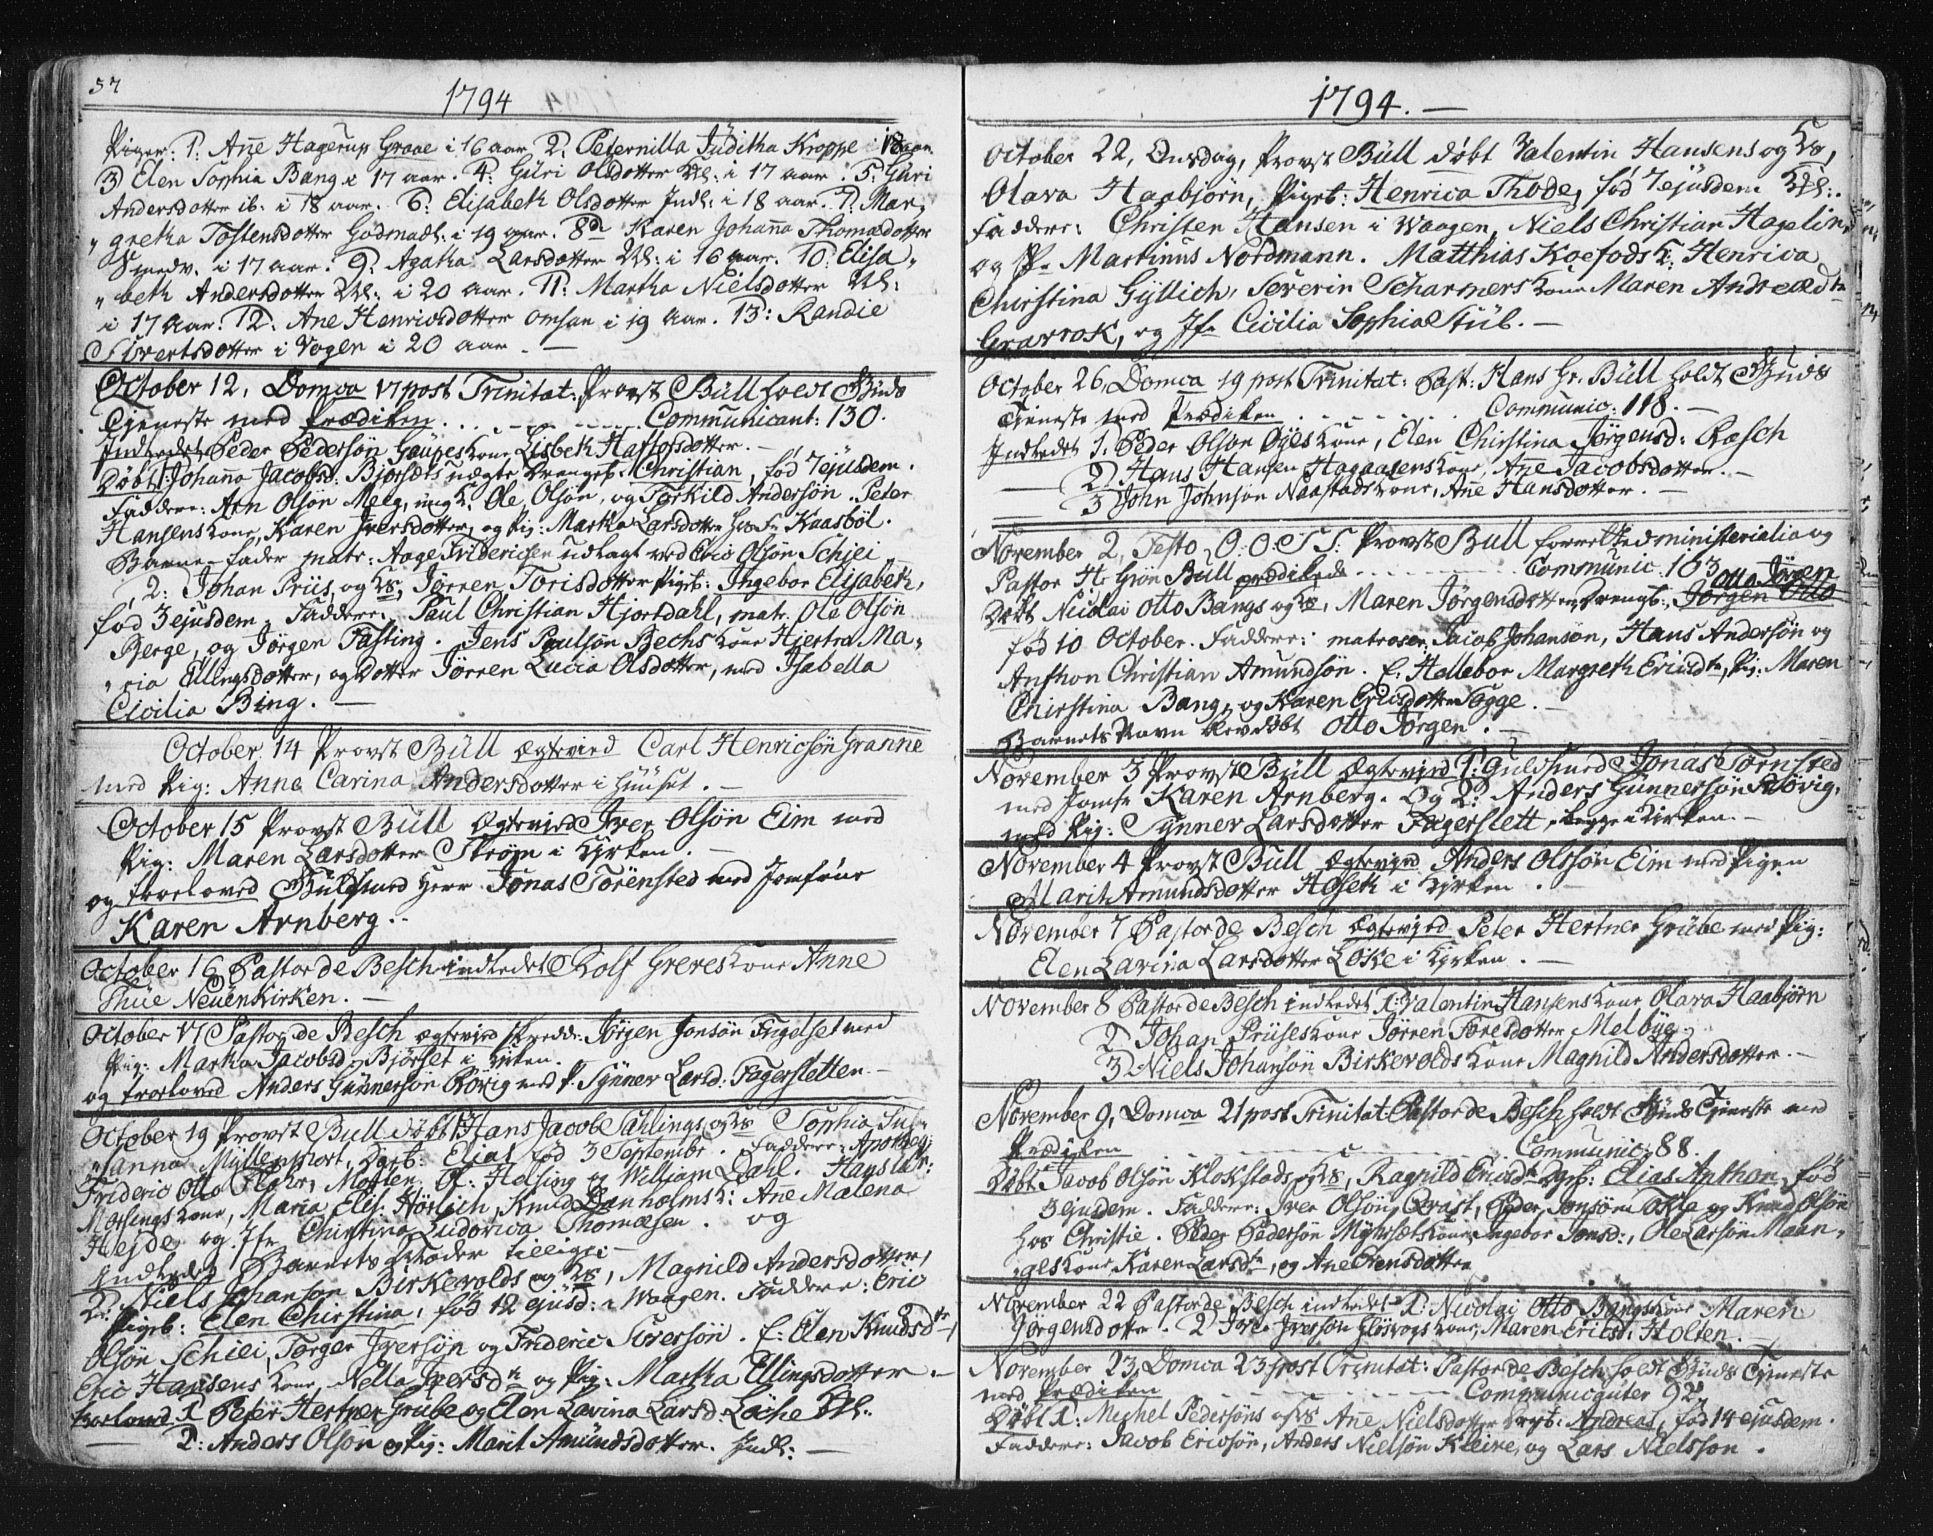 SAT, Ministerialprotokoller, klokkerbøker og fødselsregistre - Møre og Romsdal, 572/L0841: Ministerialbok nr. 572A04, 1784-1819, s. 57